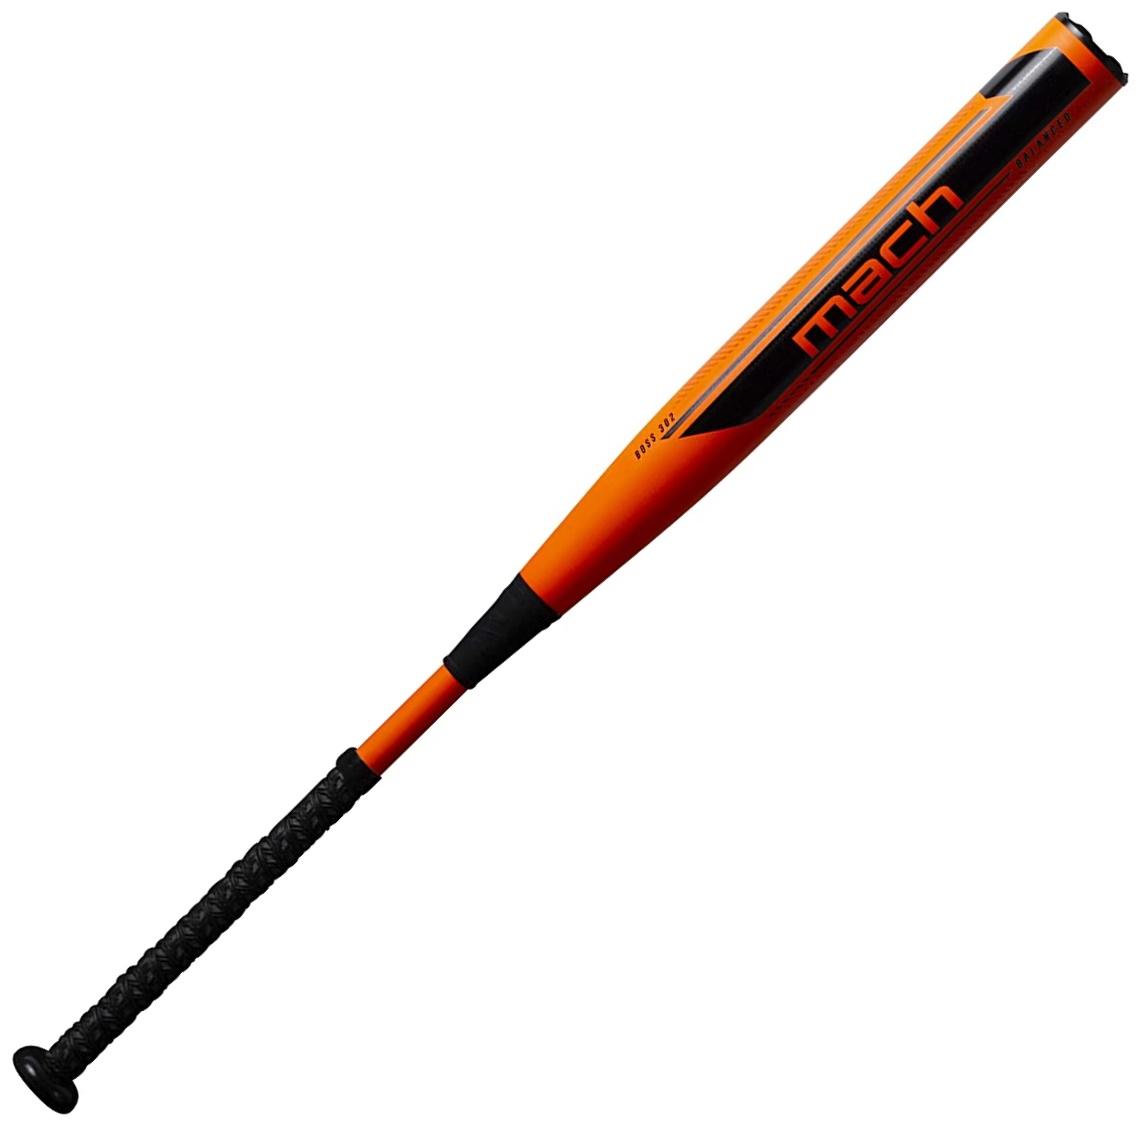 worth-mach-1-boss-302-balanced-13-5-usa-asa-slowpitch-bat-34-inch-27-oz WM21BA-3-27 Worth